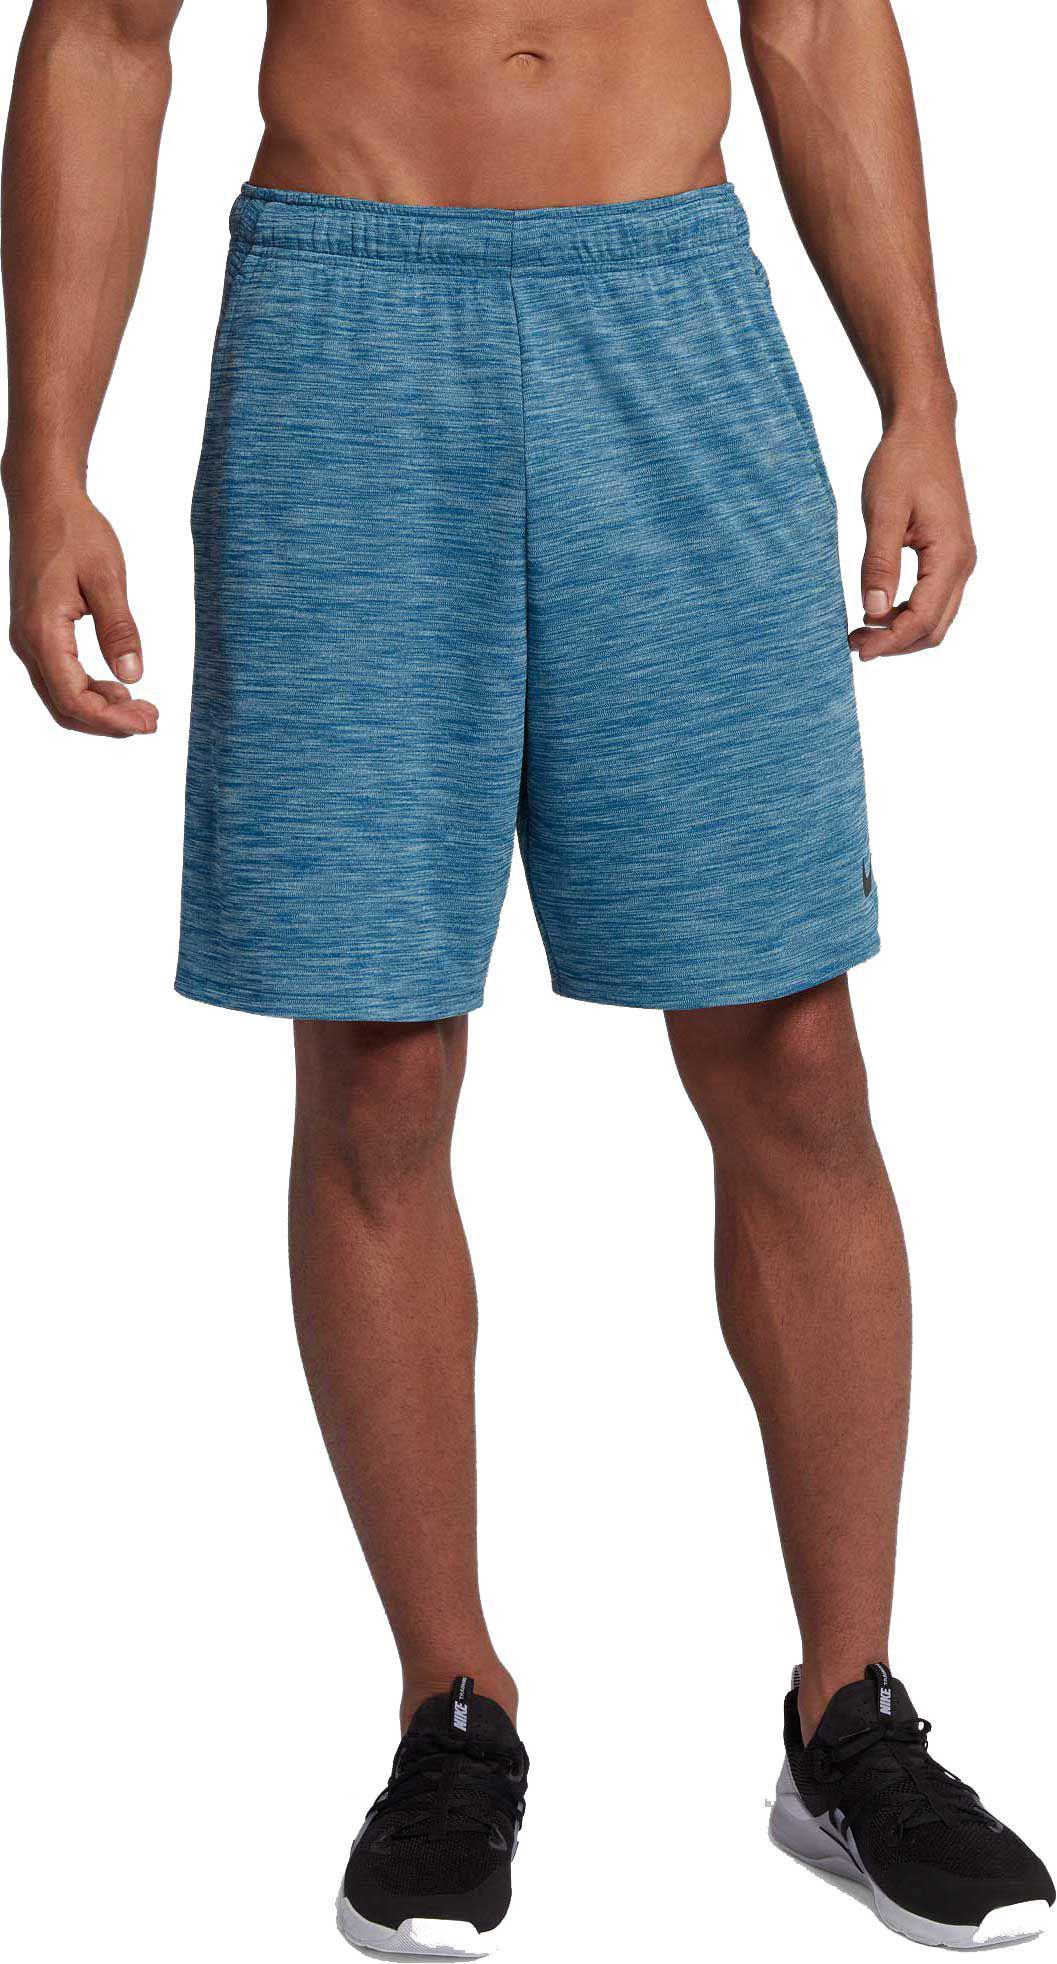 e68c439f232f8 Nike Blue Dry Veneer Training Shorts for men